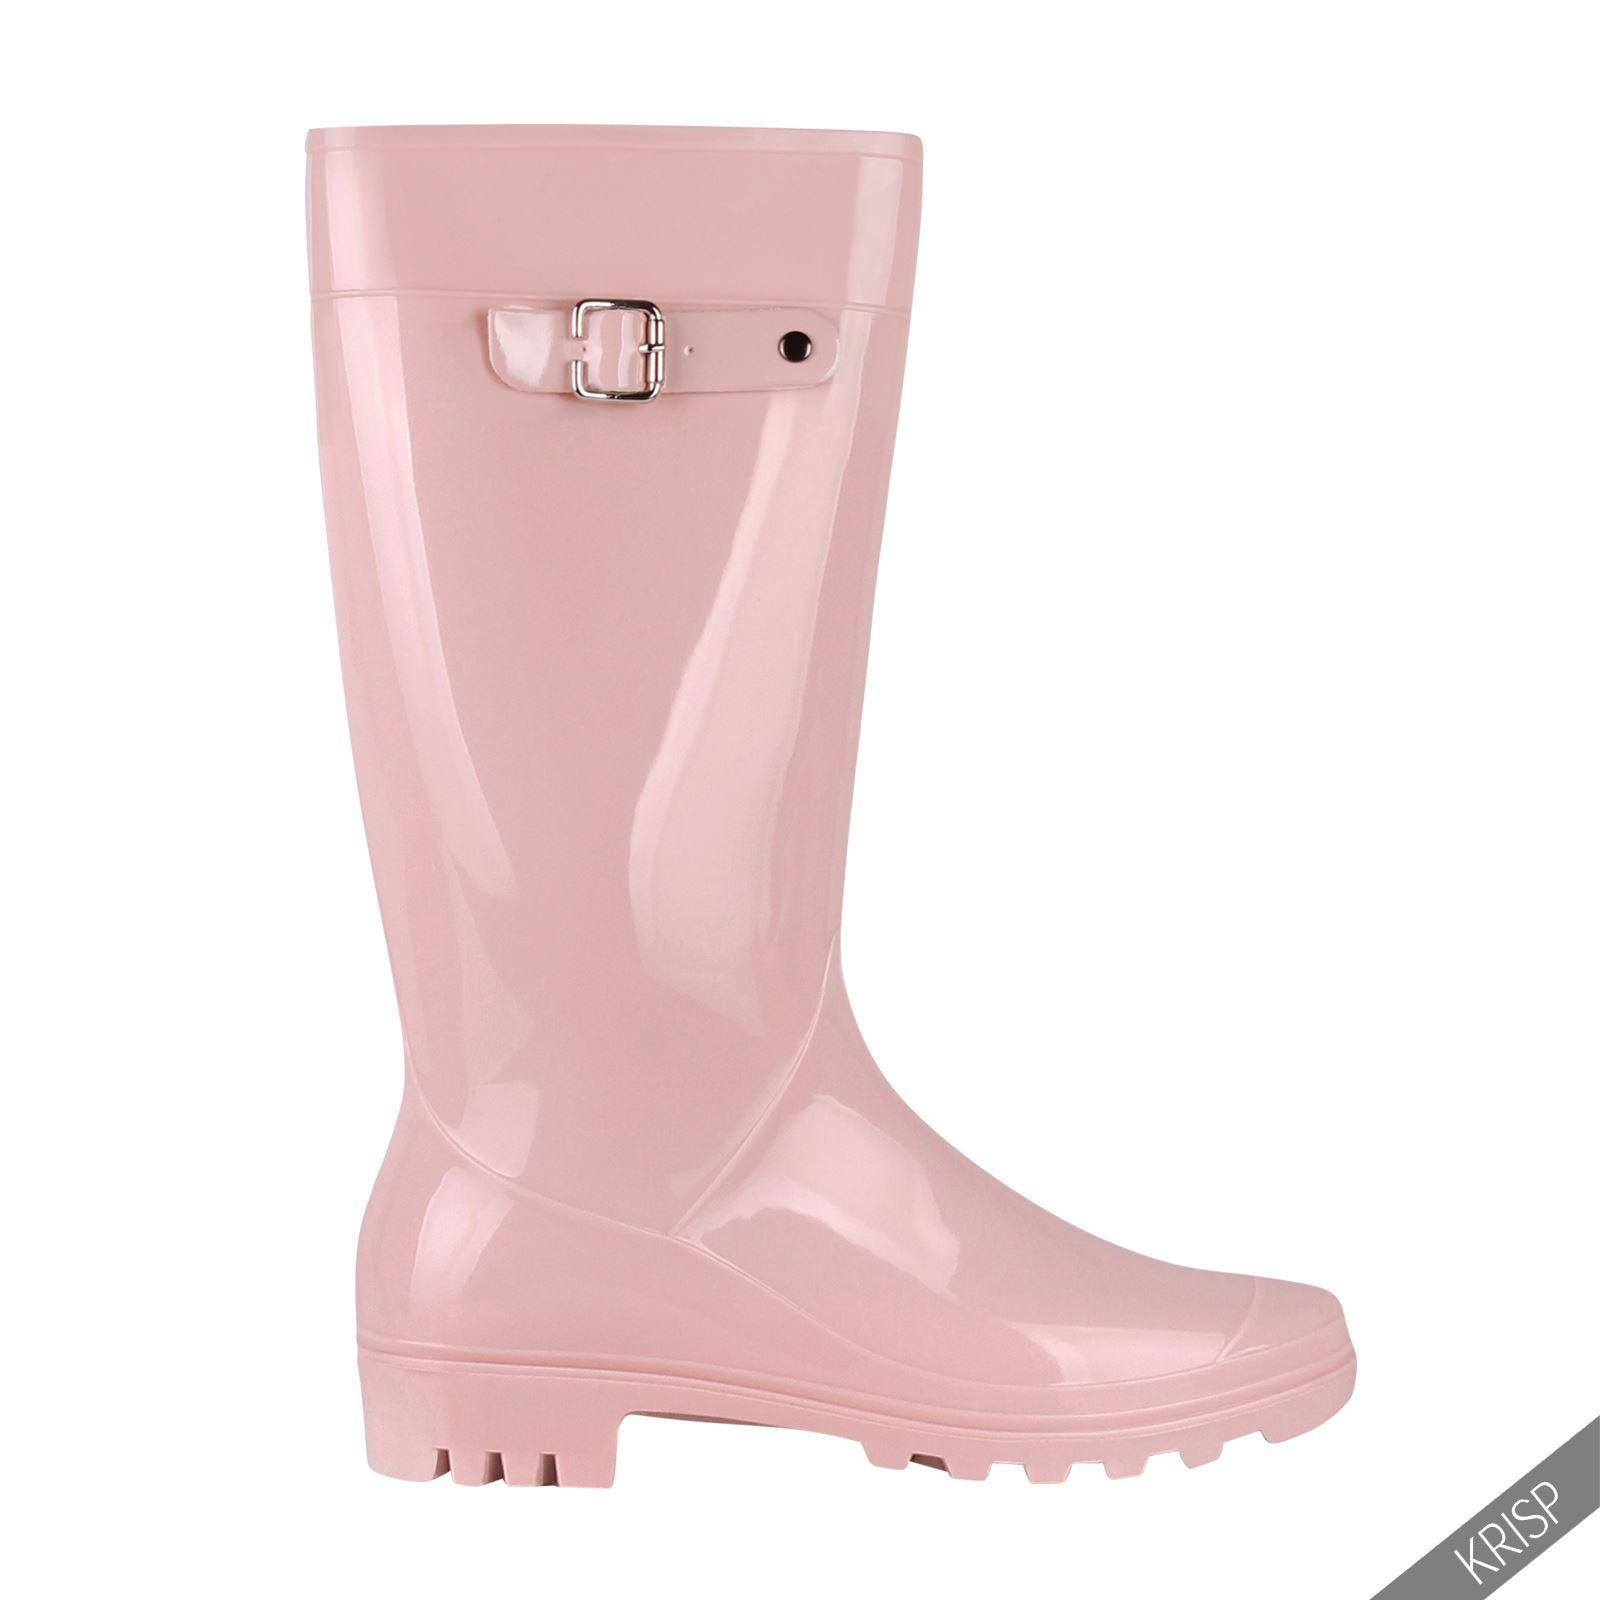 Botas-Agua-Mujer-Barata-Original-Botines-Moda-Comodas-Calzado-Elastico-Juveniles miniatura 39